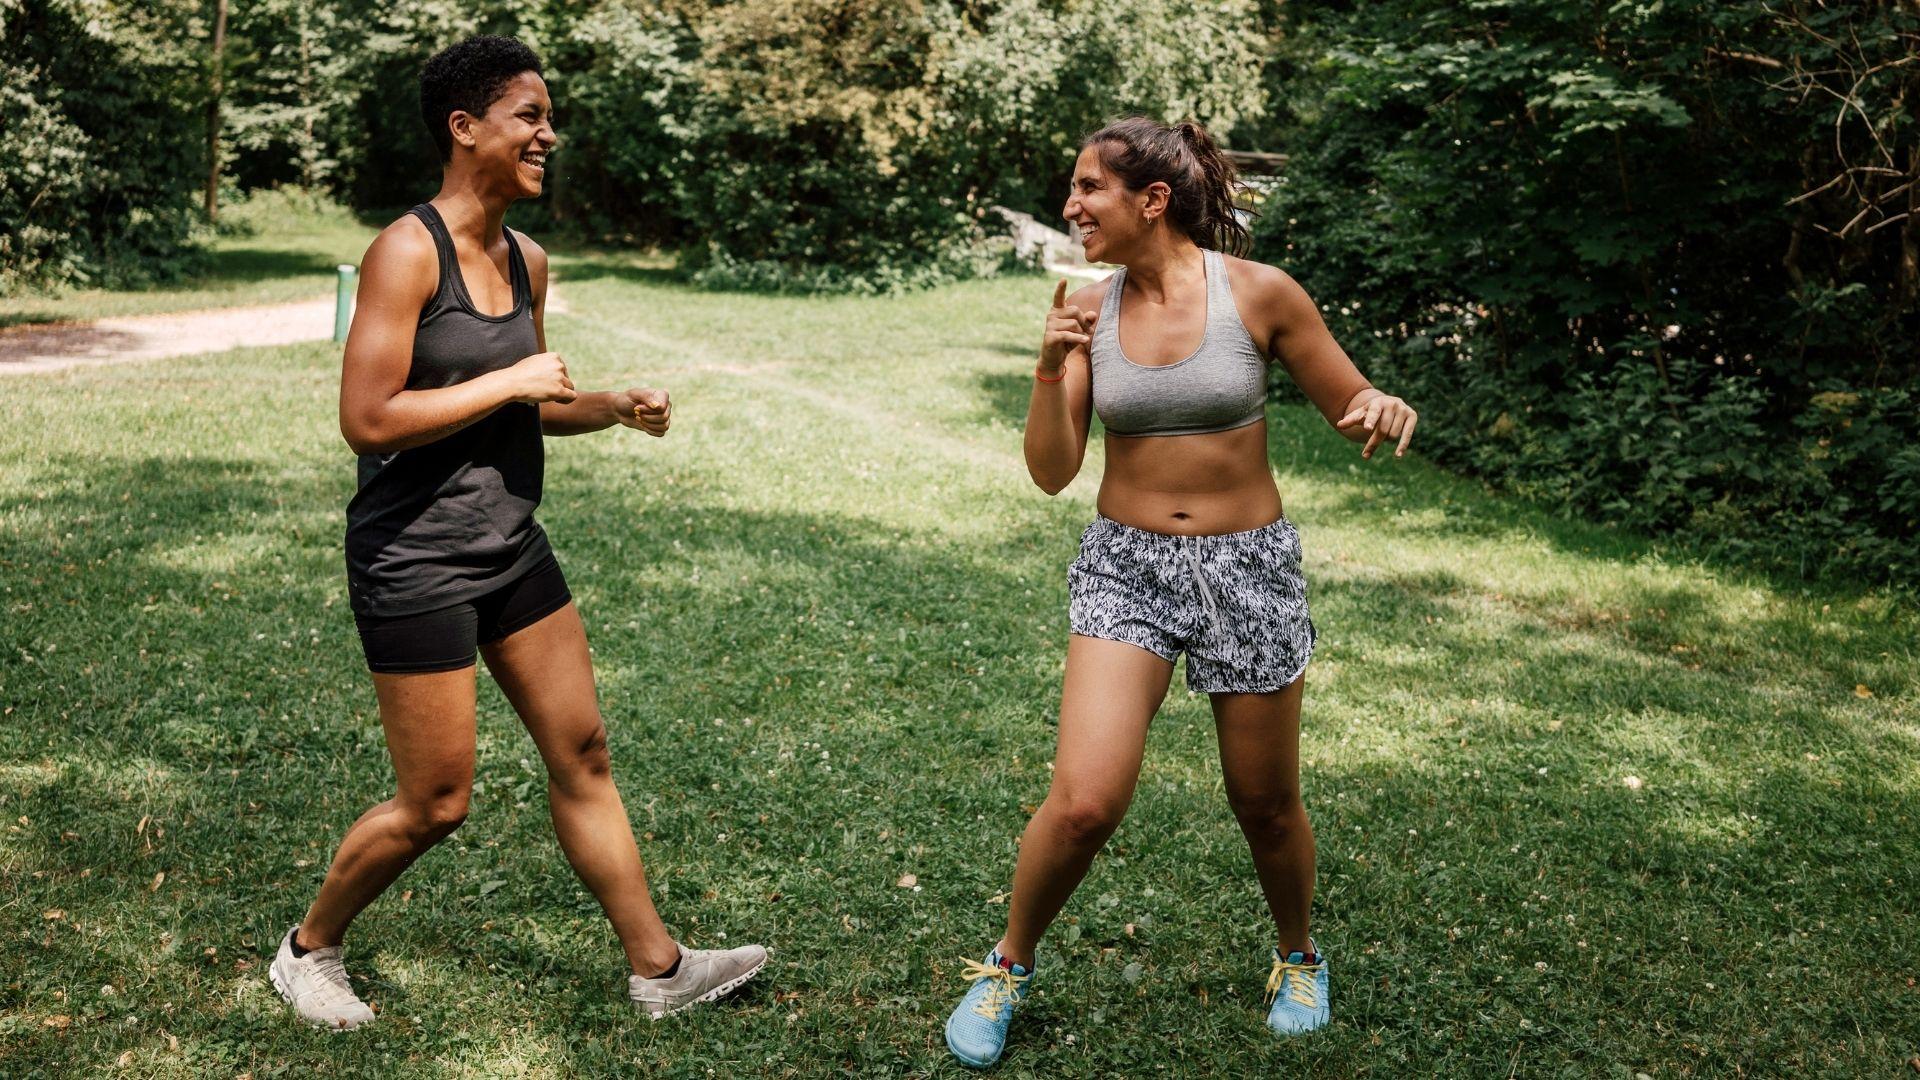 Frauen und Sport - Ein Beitrag zum Weltfrauentag 03